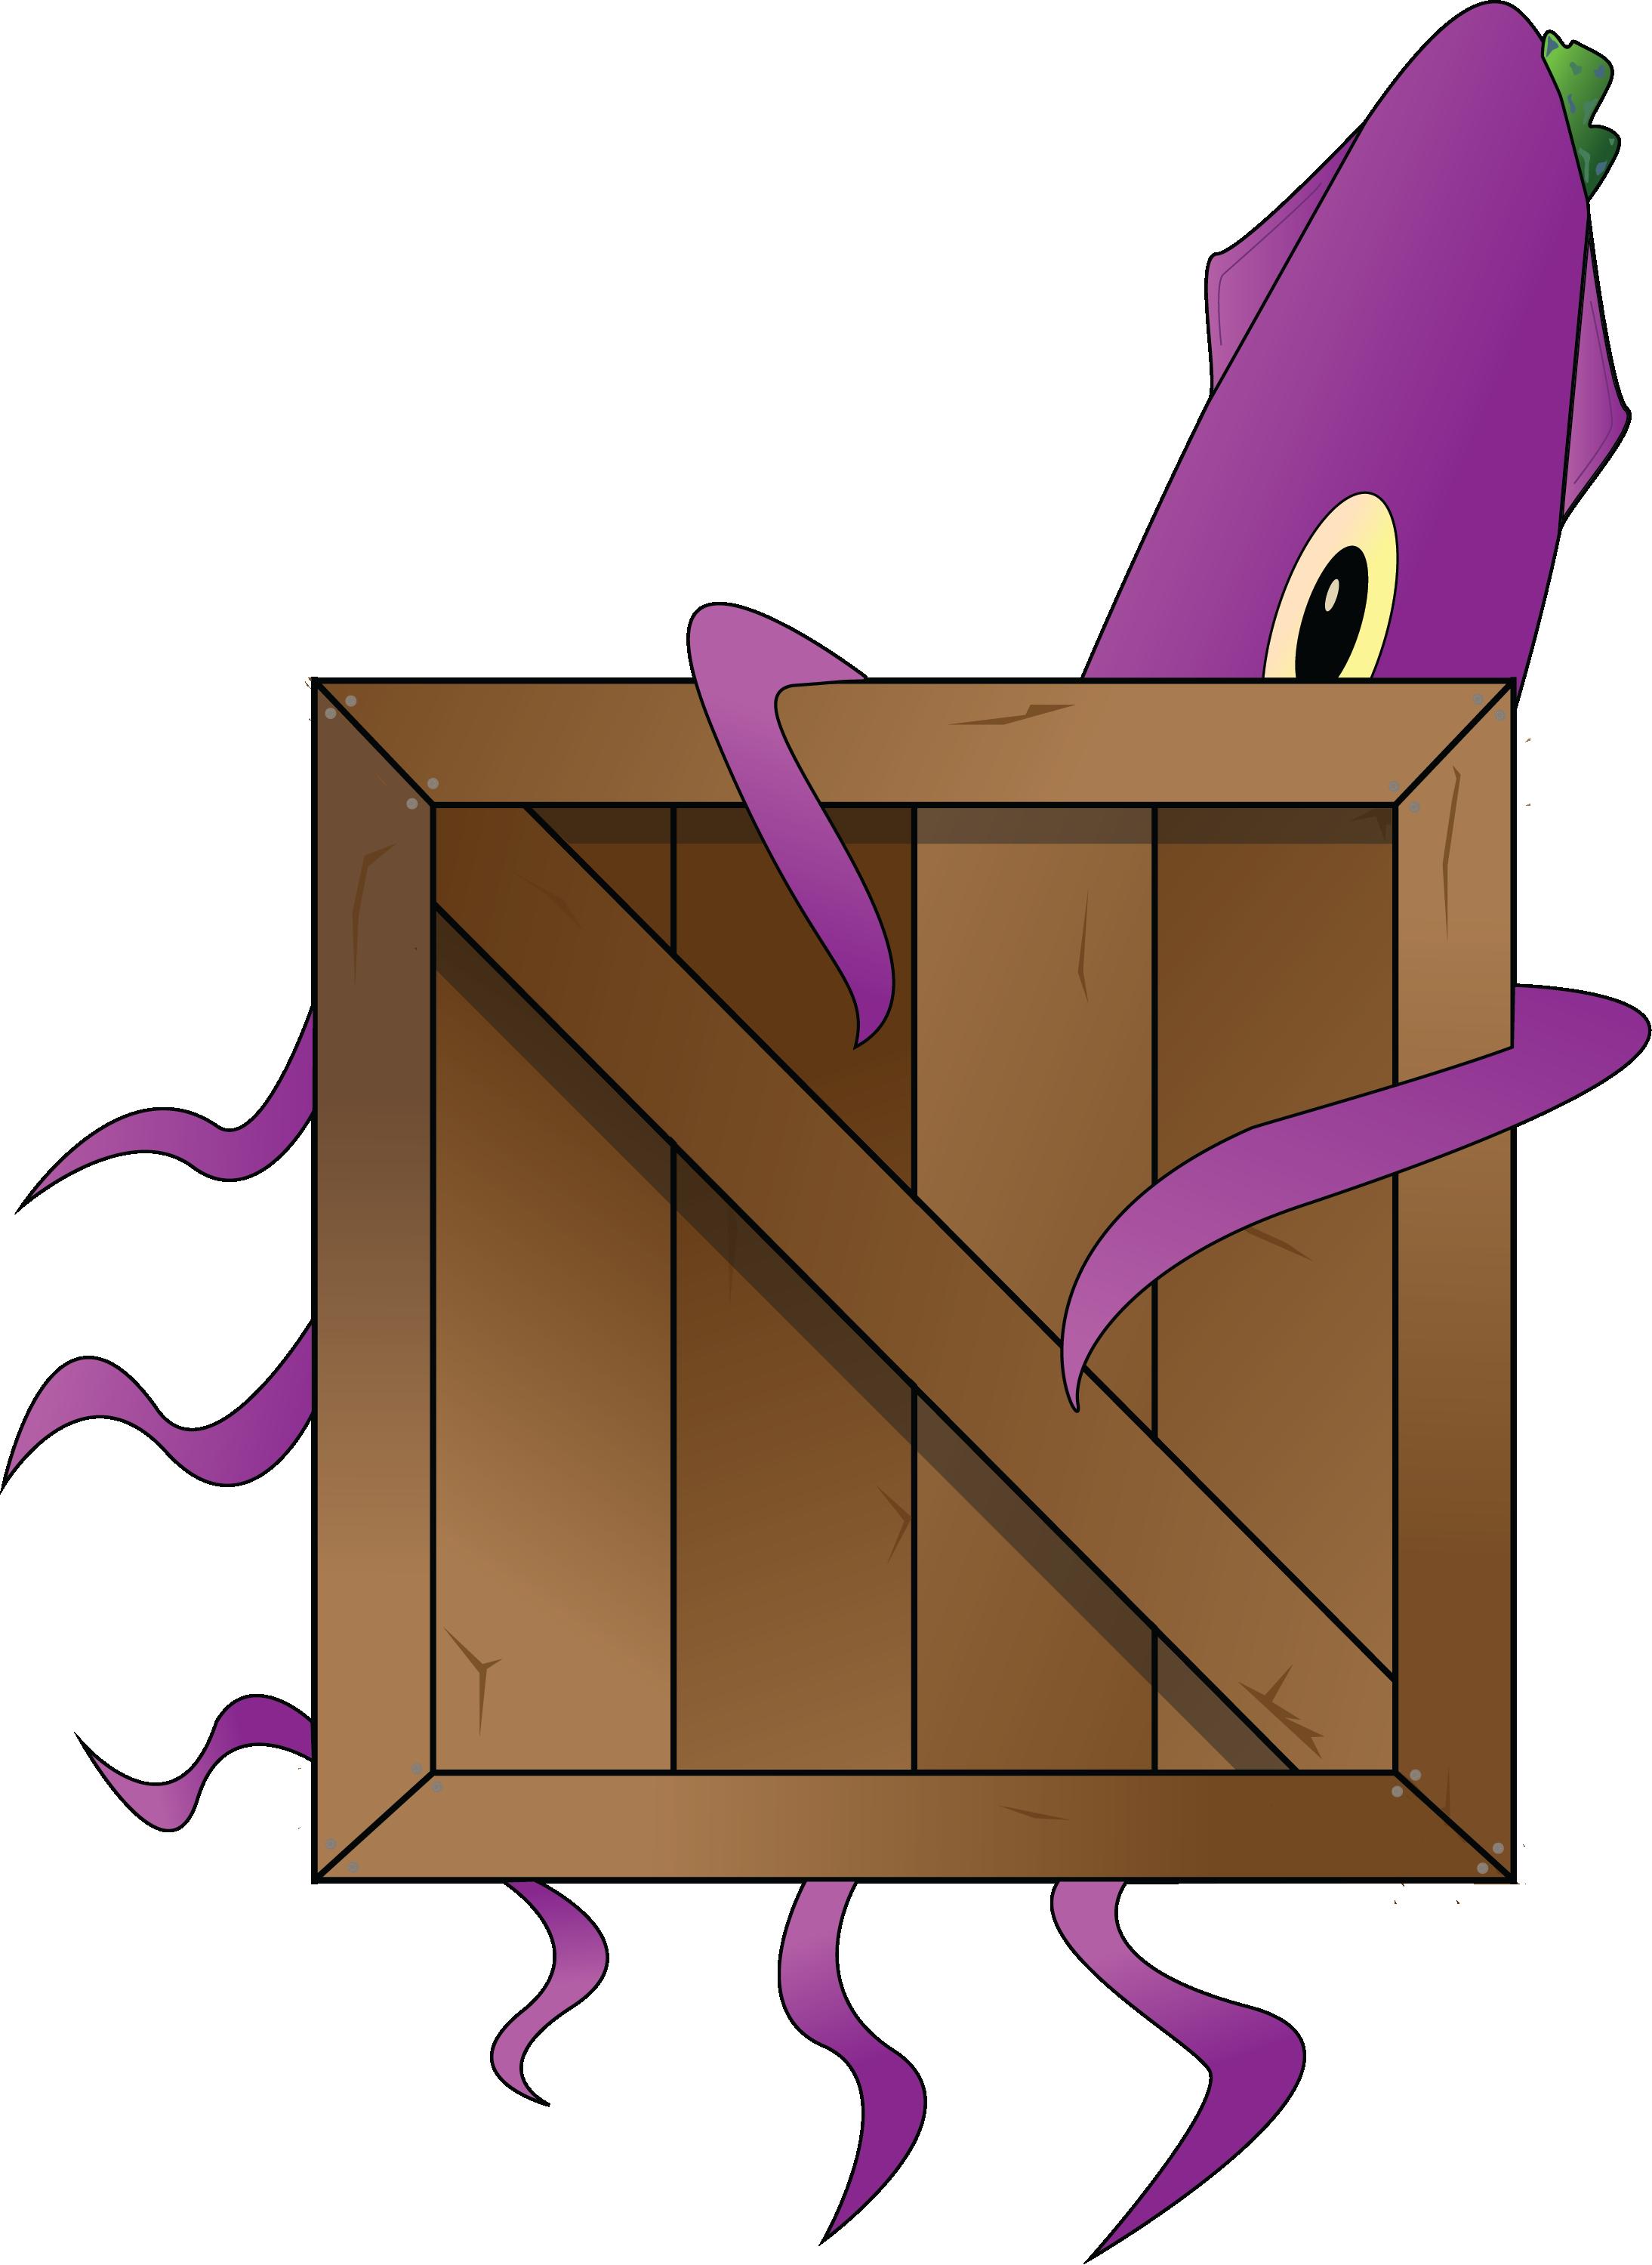 SquidCrate